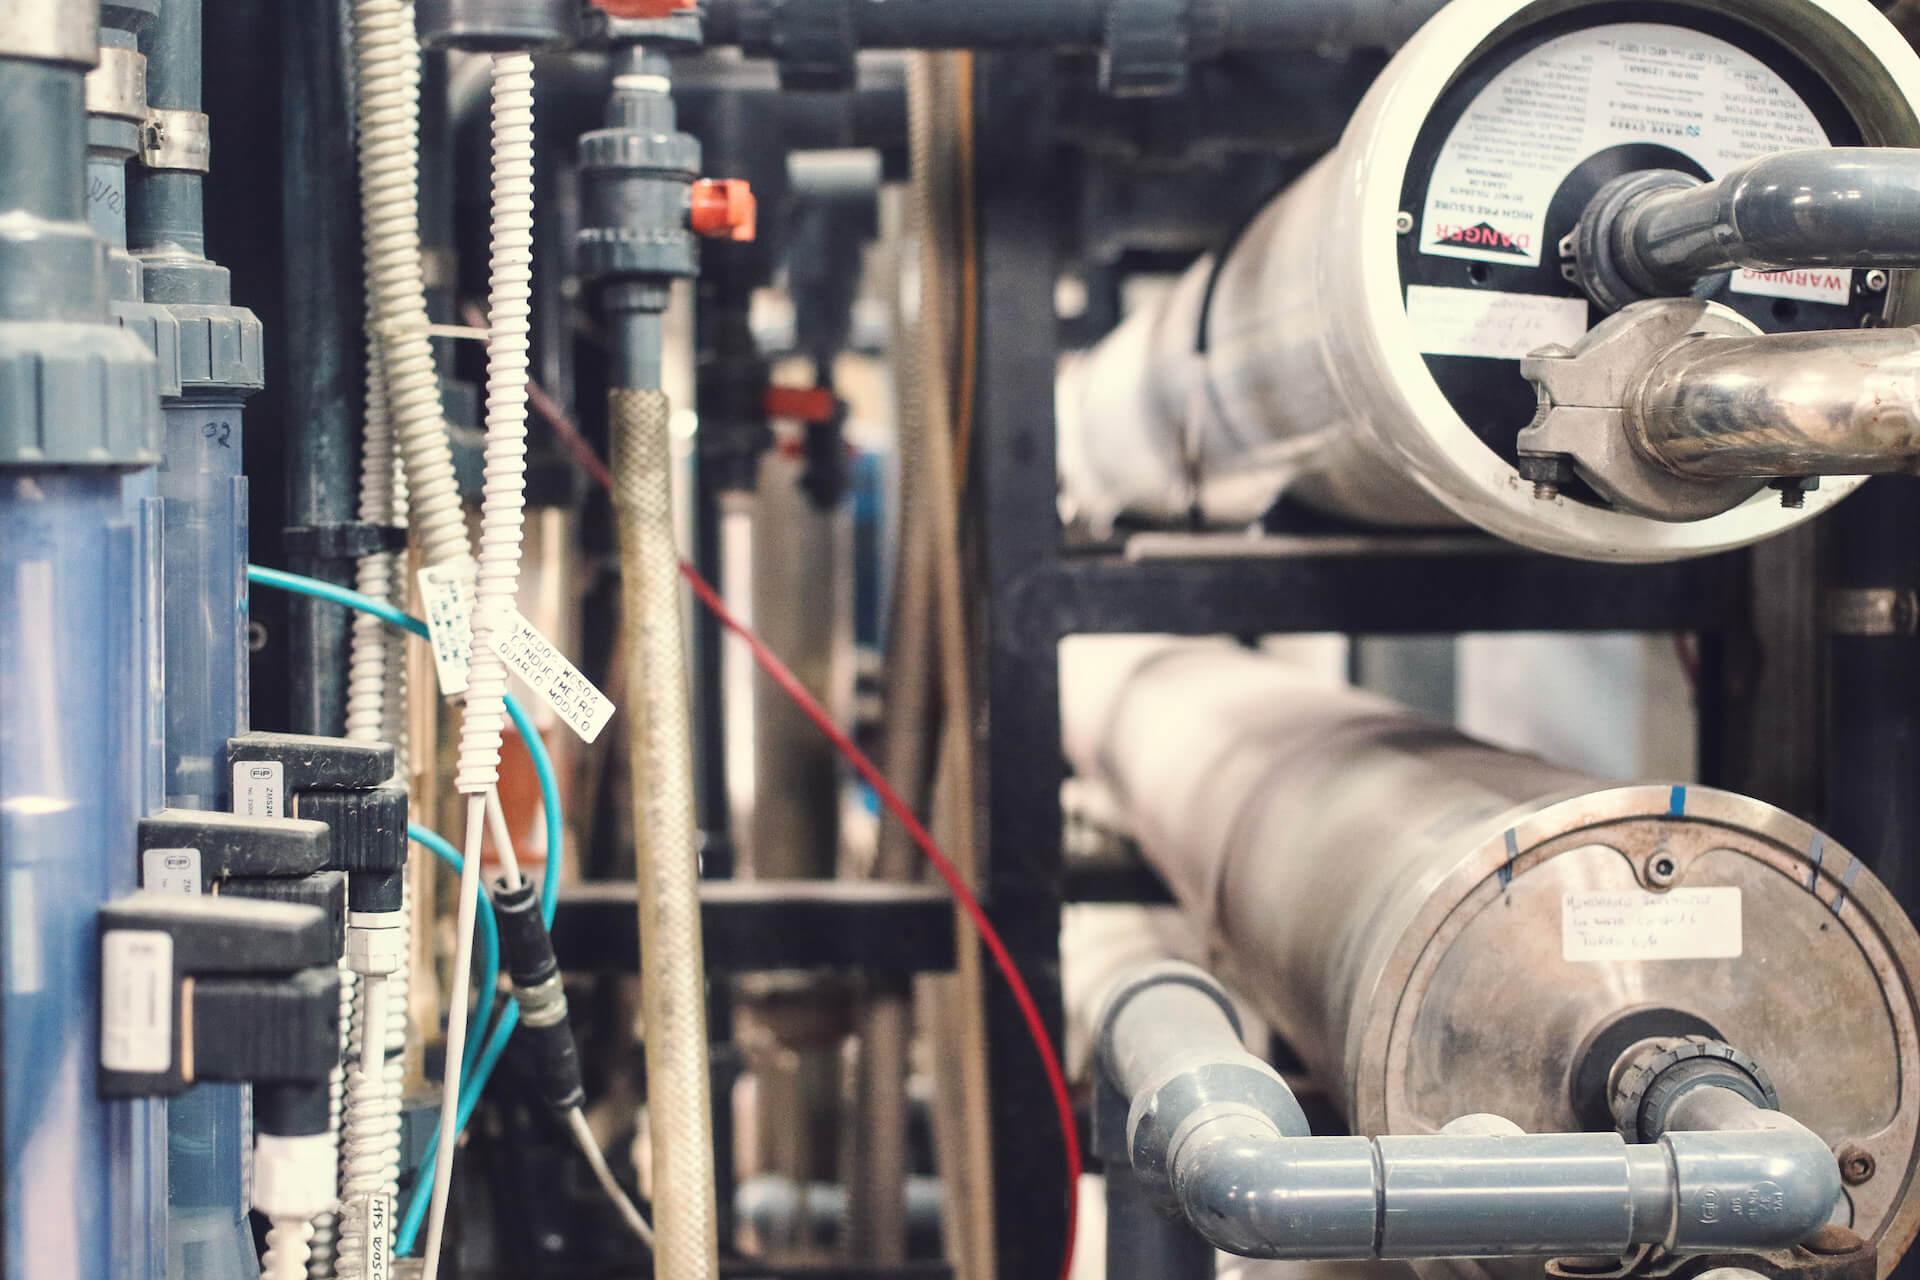 cz trattamento acque main header versione desktop - foto impianto filtrazione osmosi inversa industriale